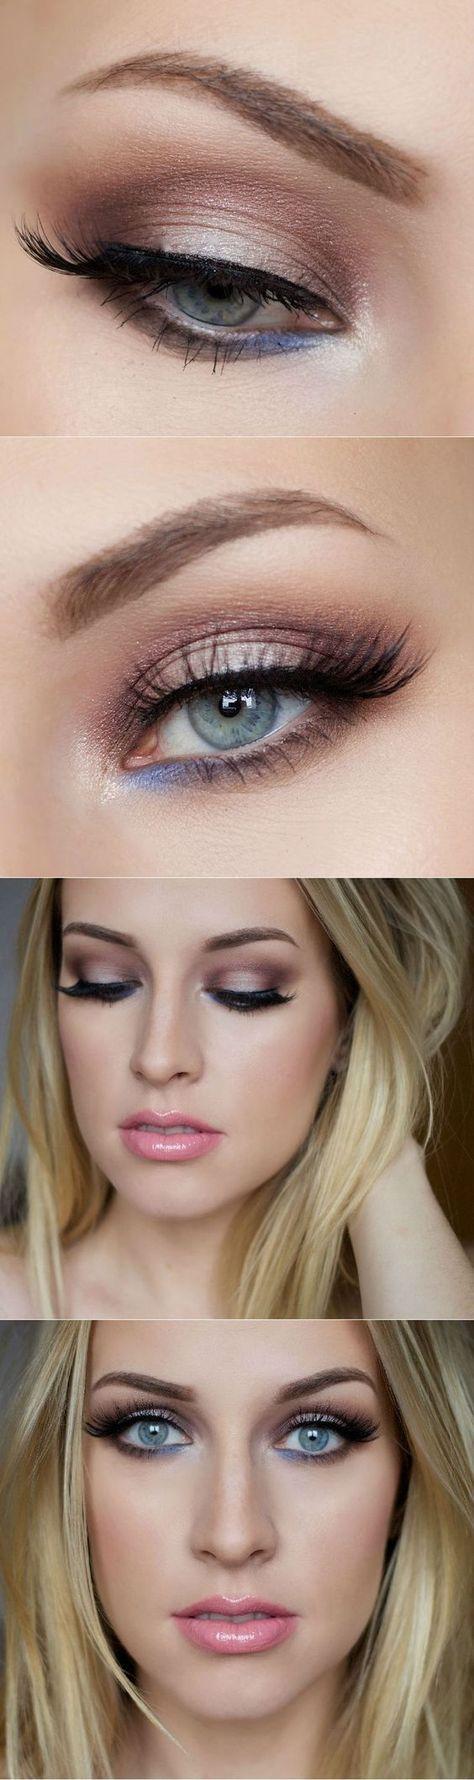 Derfrisuren.top Die schönen blauen Augen eine Dame, ist eine der prächtigsten Schöpfungen auf... schopfungen schonen prachtigsten ist eine Die Der Dame blauen augen auf